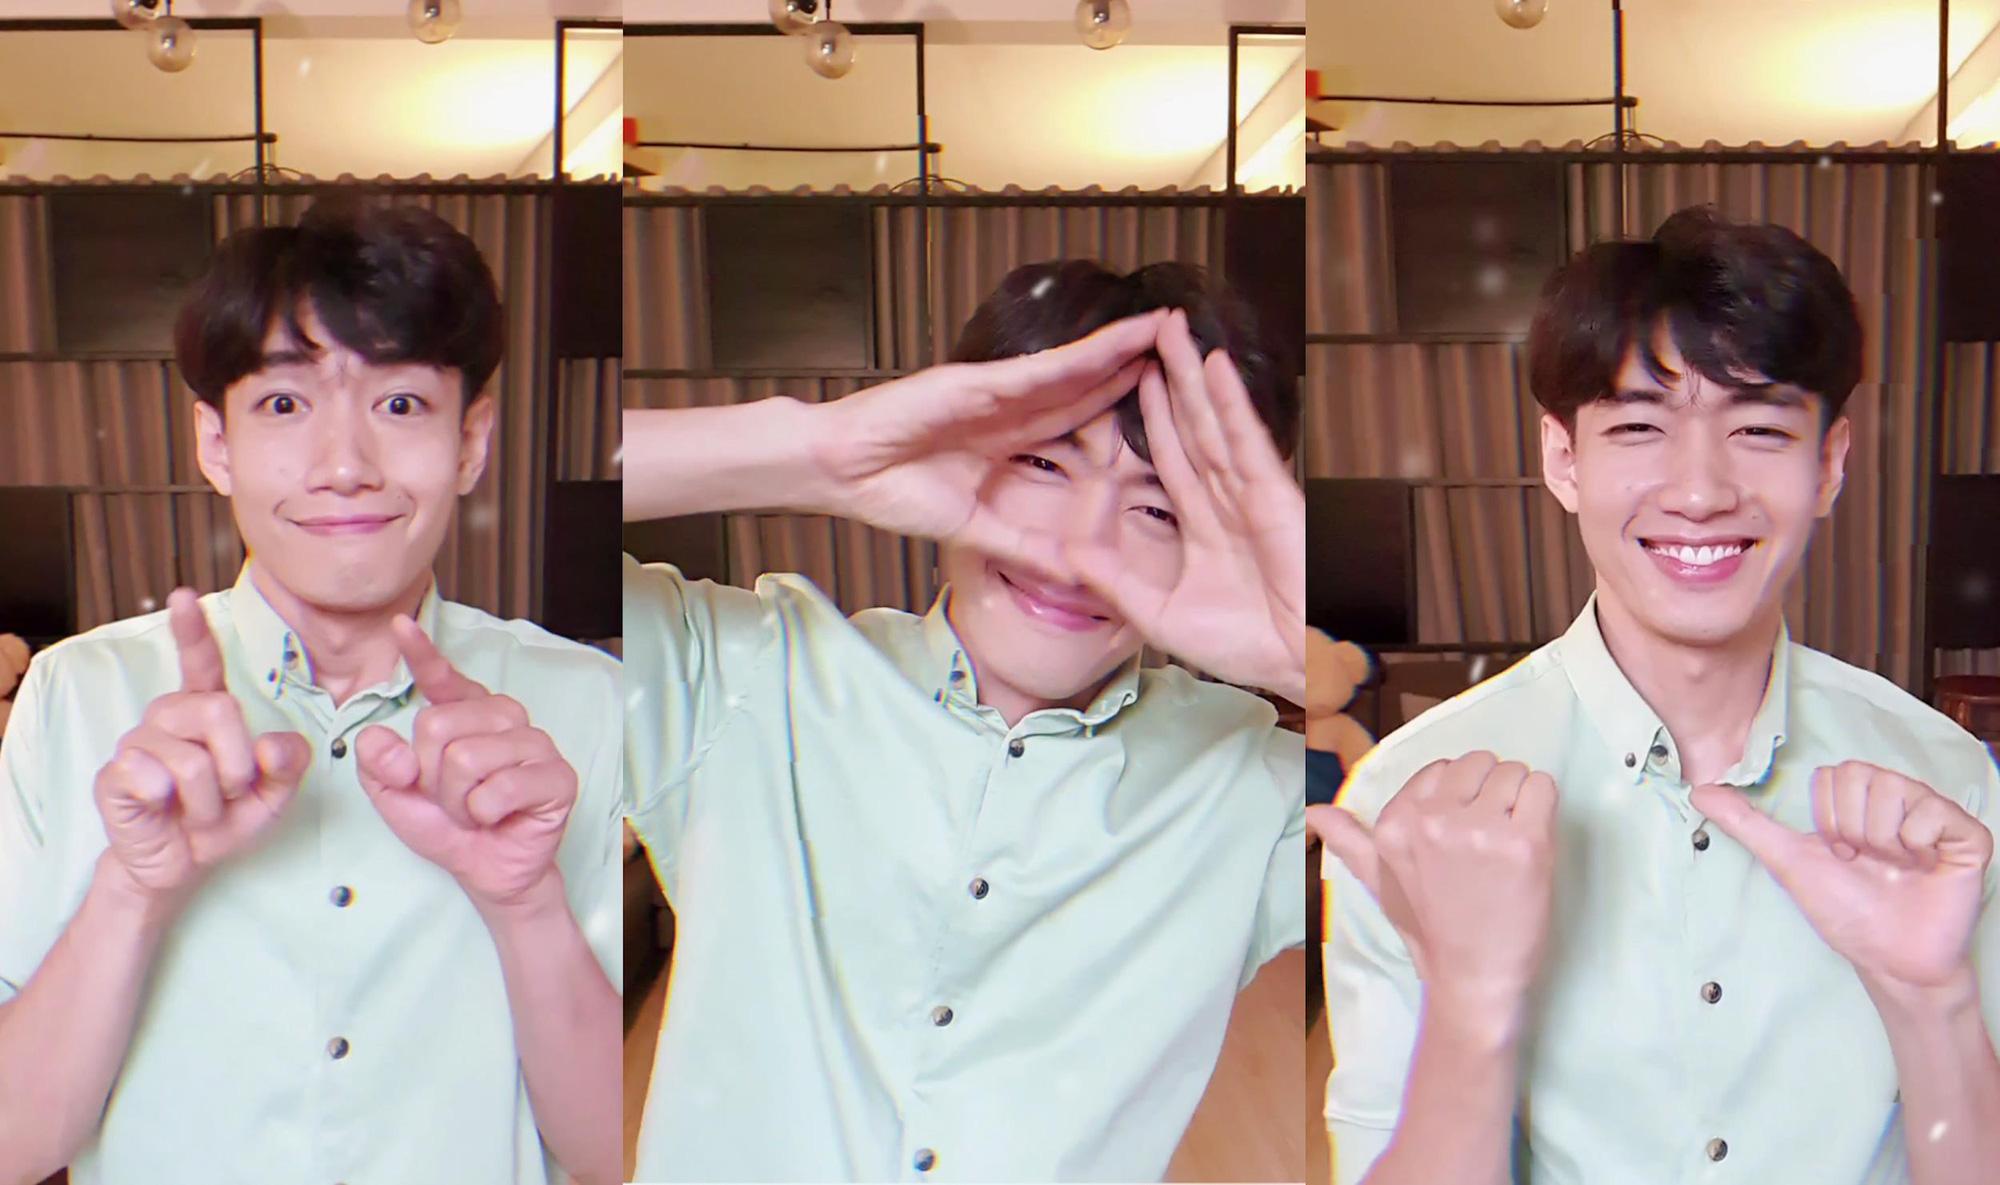 """Quang Đăng tiếp tục tạo HIT với vũ điệu """"Ở nhà chăm mắt"""", nghỉ dịch rảnh rỗi còn chờ gì mà không """"đu trend""""! - Ảnh 3."""